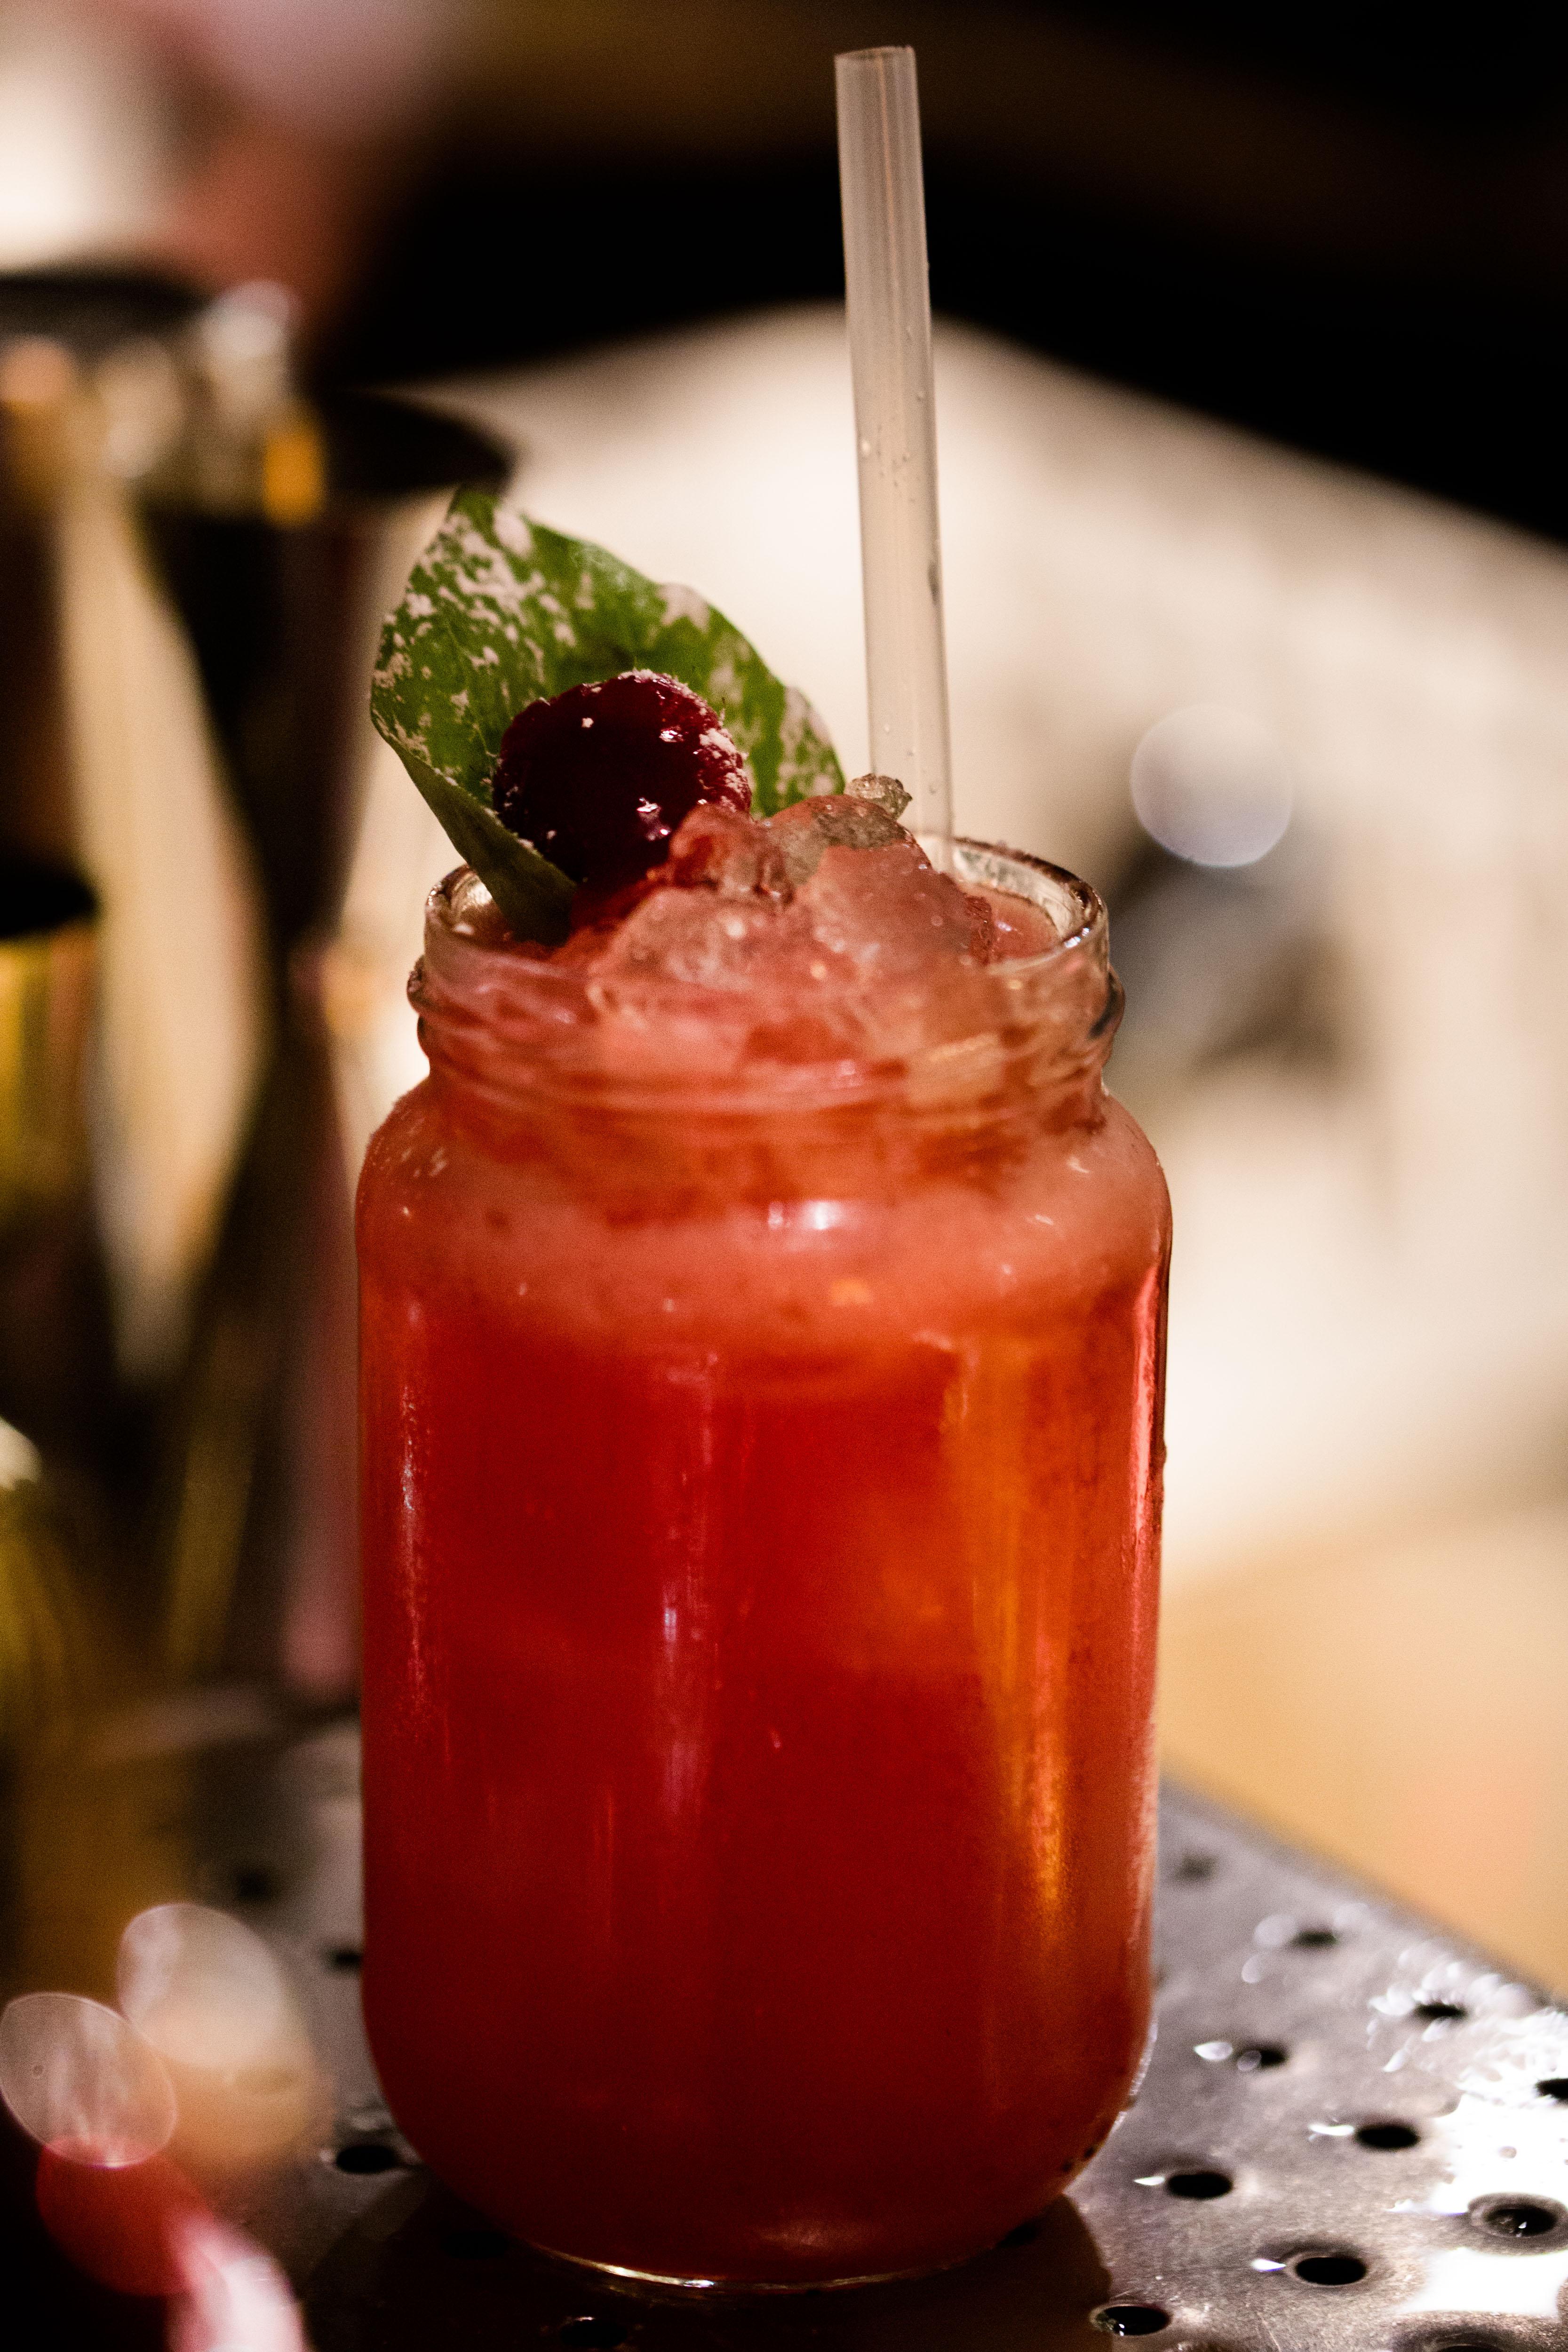 cocktail-fannygaudin-5155